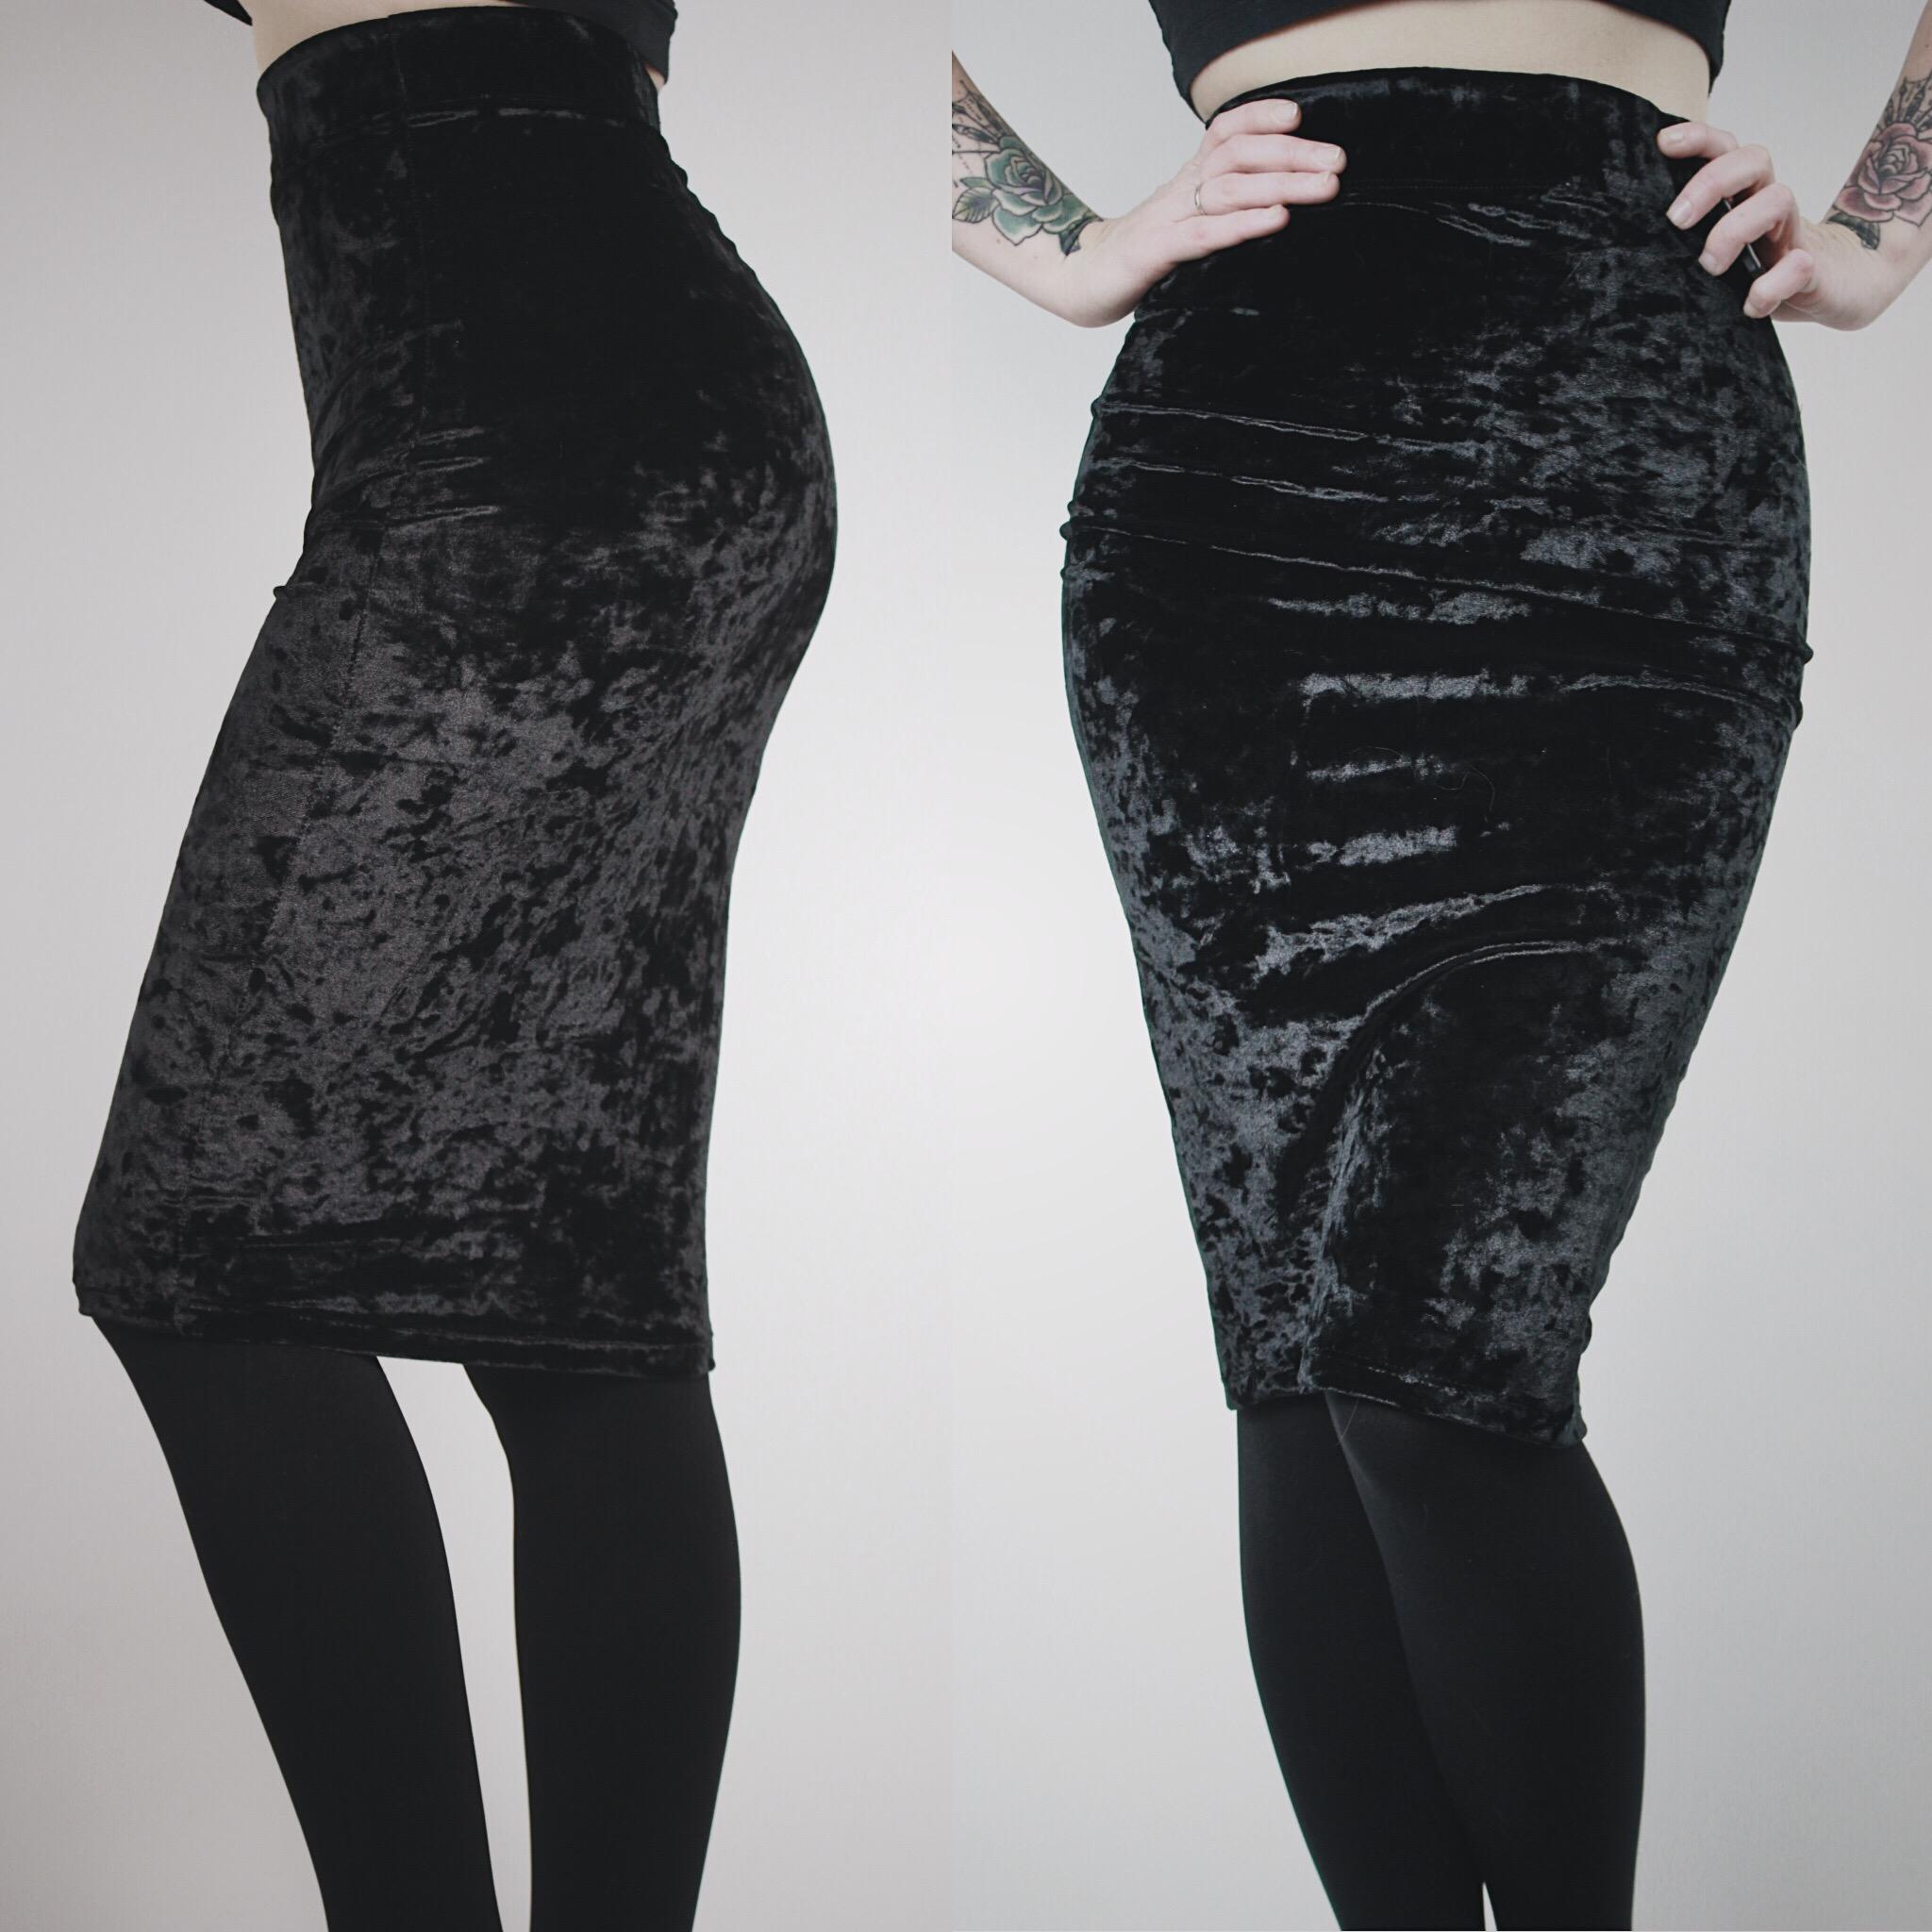 7e700eea0b RESERVED FOR JAZMIN - Black Crushed Velvet Pencil Skirt · Last Rites ...